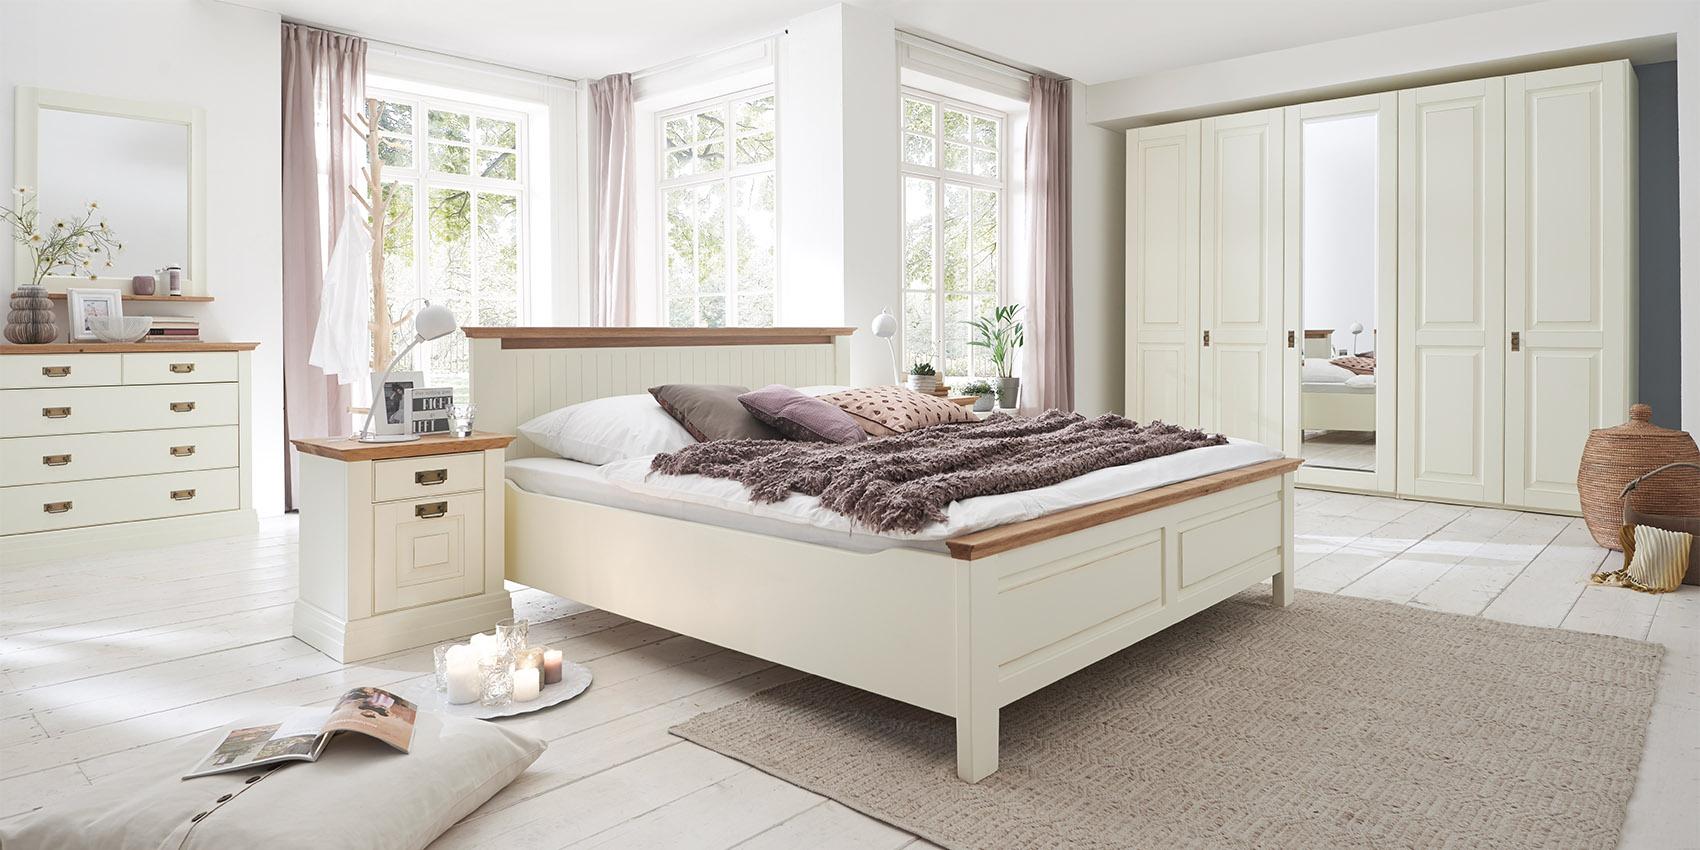 nordic-dreams-kleiderschrank-5T-bett-180-nako-kommode-champagner-wildeiche-g